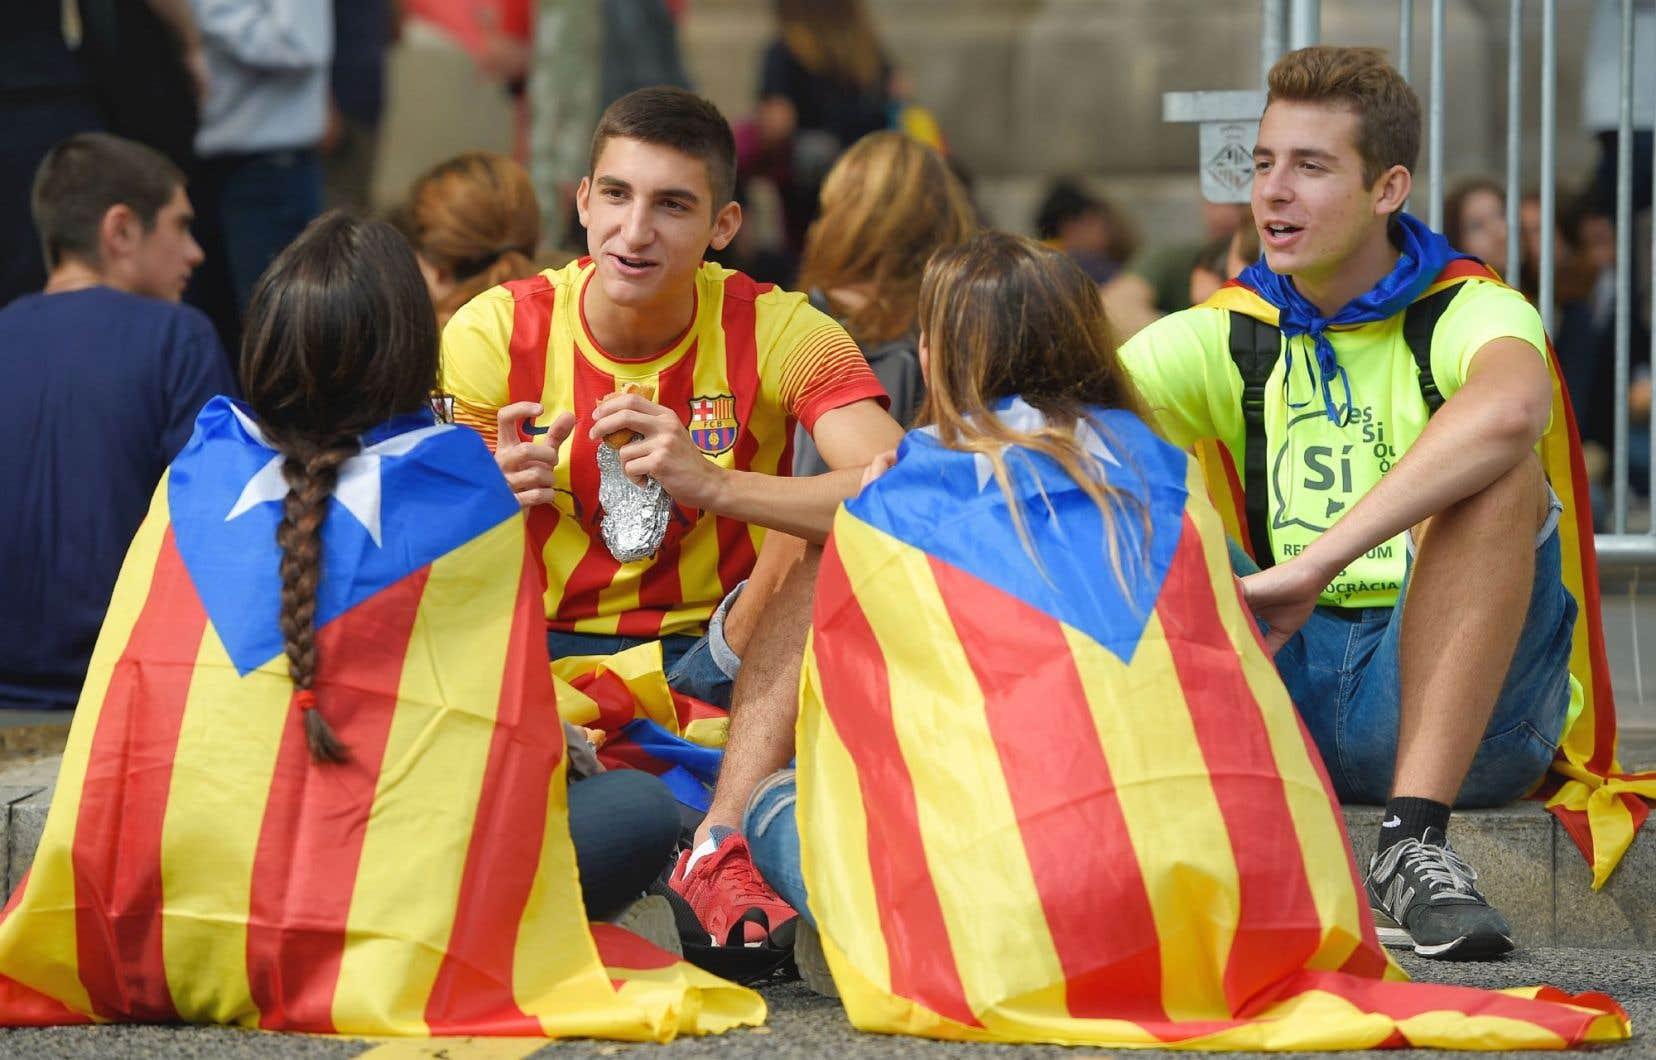 Des étudiants vêtus aux couleurs du drapeau des indépendantistes de la Catalogne, en marge d'une manifestation à Barcelone, vendredi